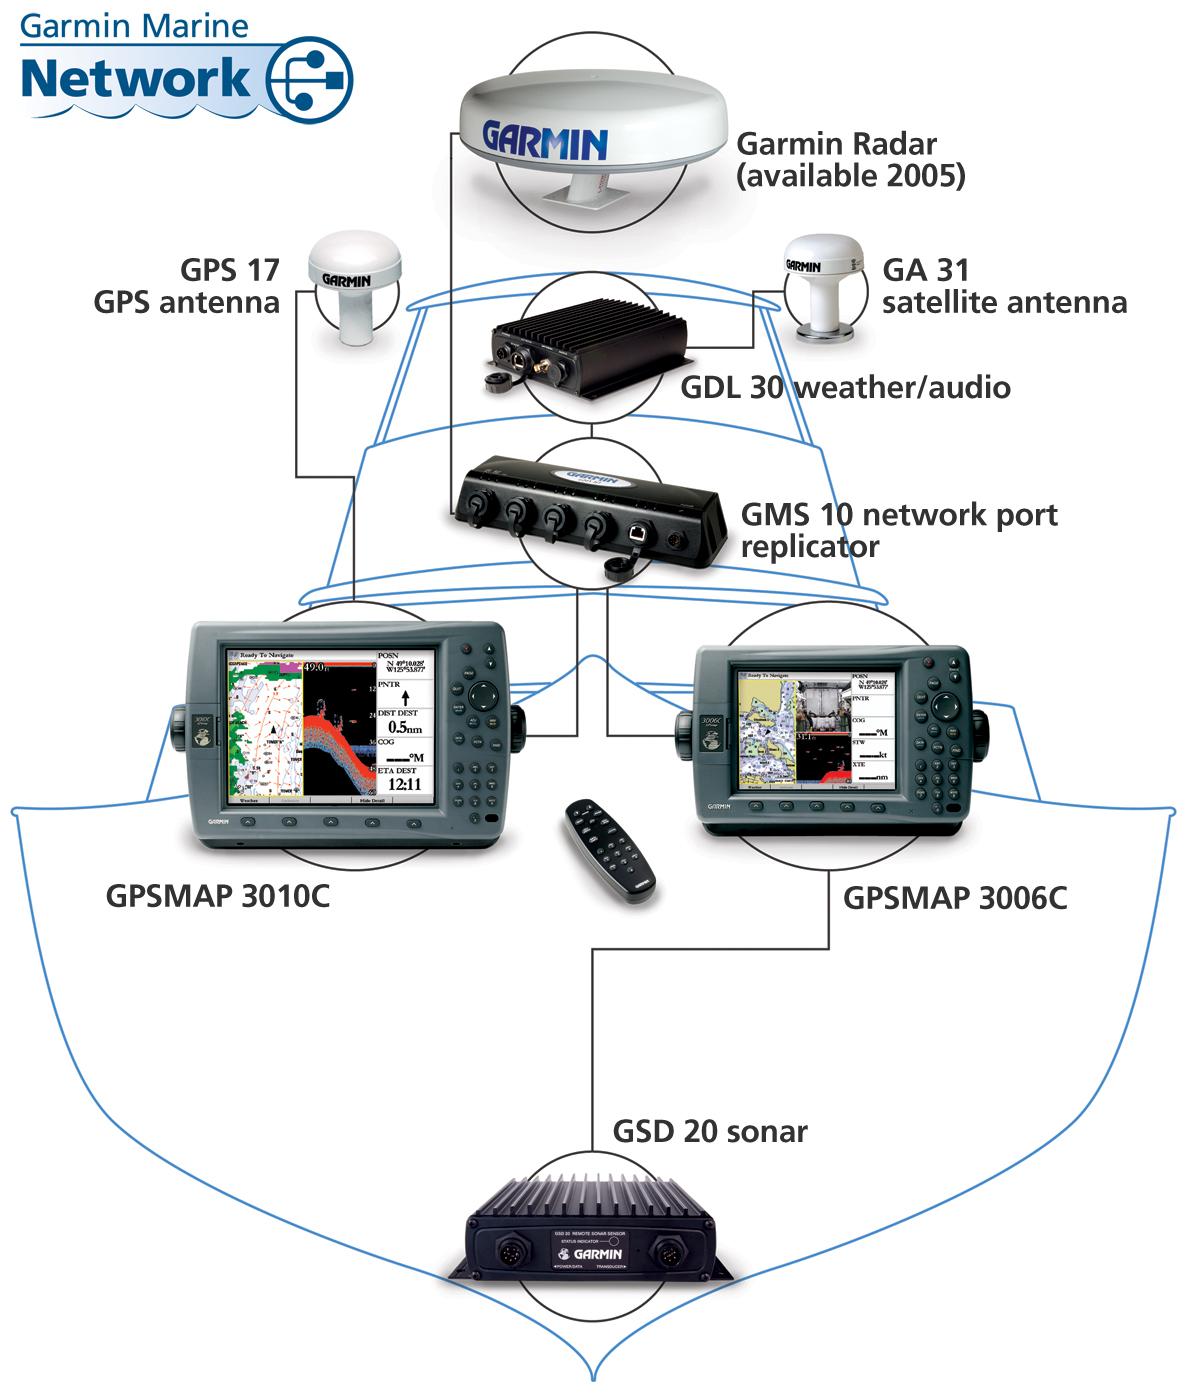 garmin chartplotter wiring diagram repair machine Garmin Marine Gauges